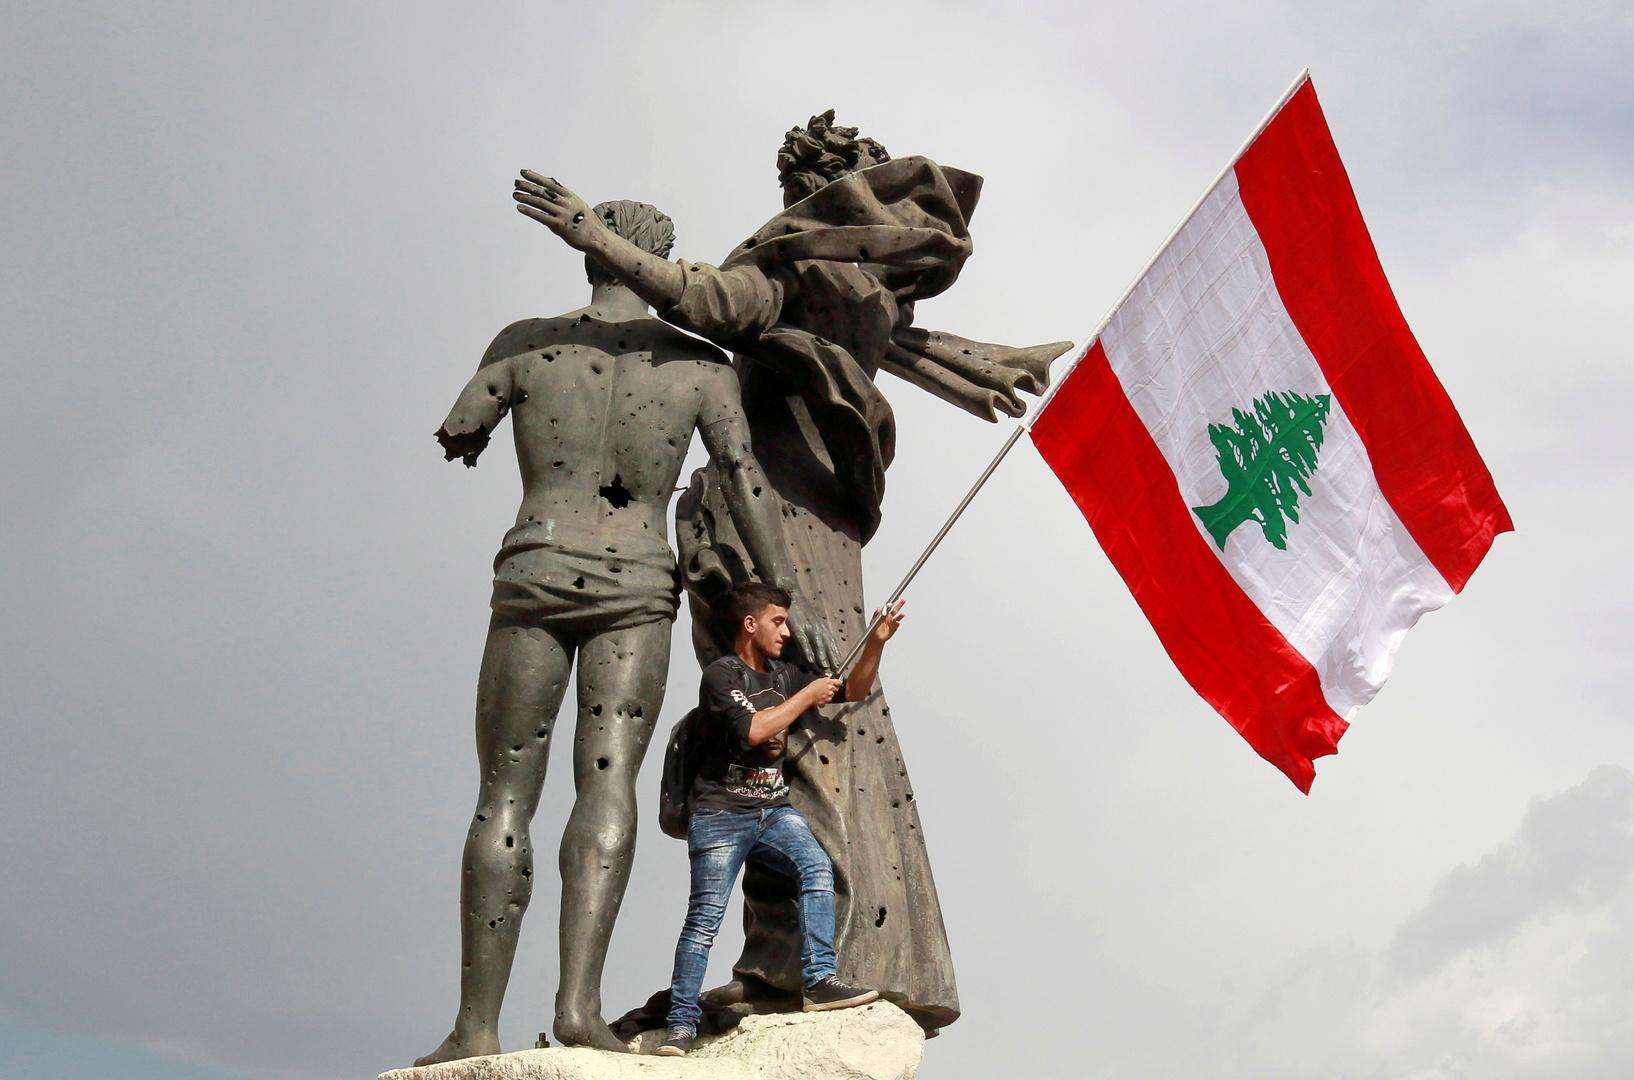 باريس: قادة لبنان ارتكبوا